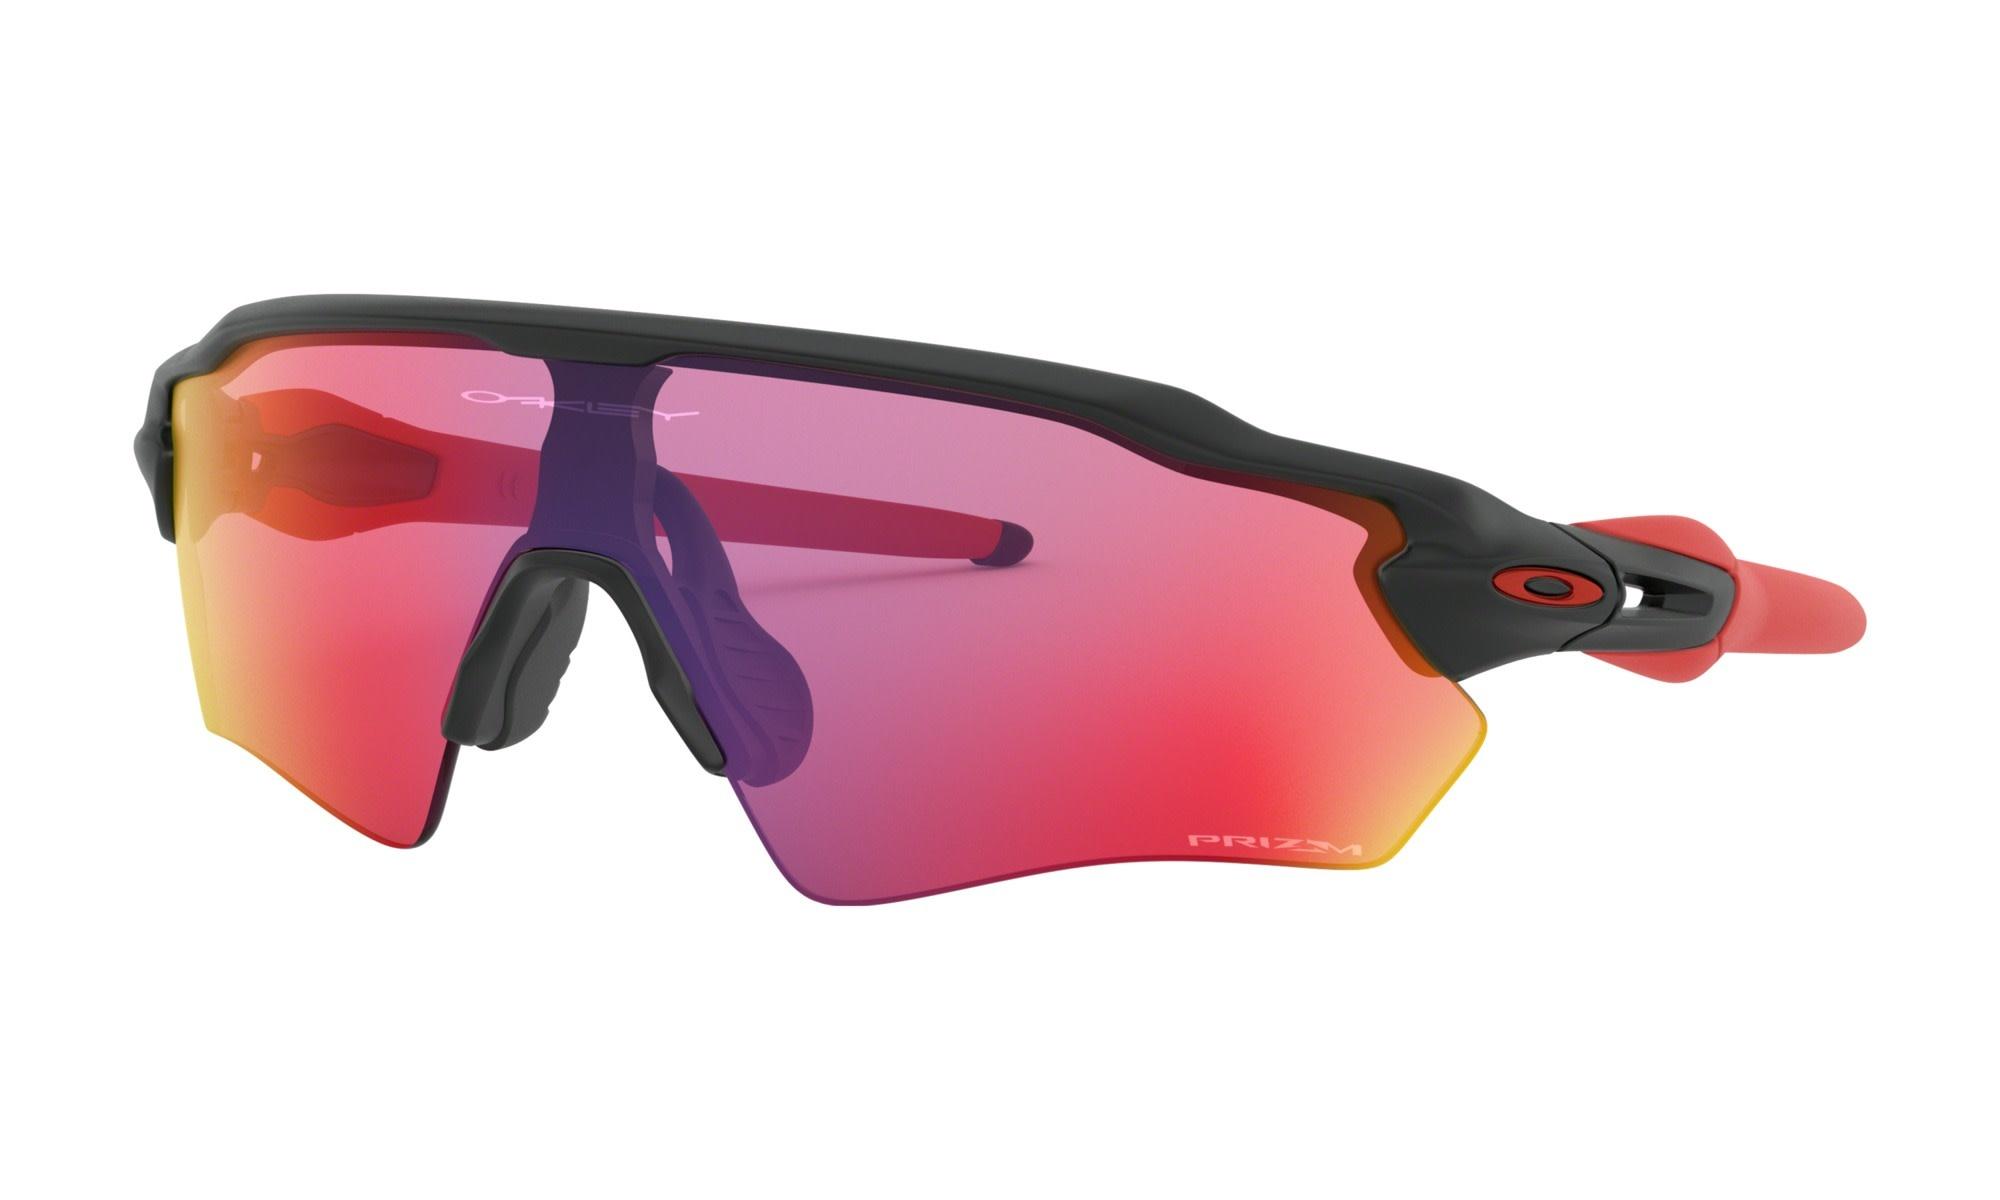 Oakley Radar EV XS Path Black Mat/Prizm Road Eyewear